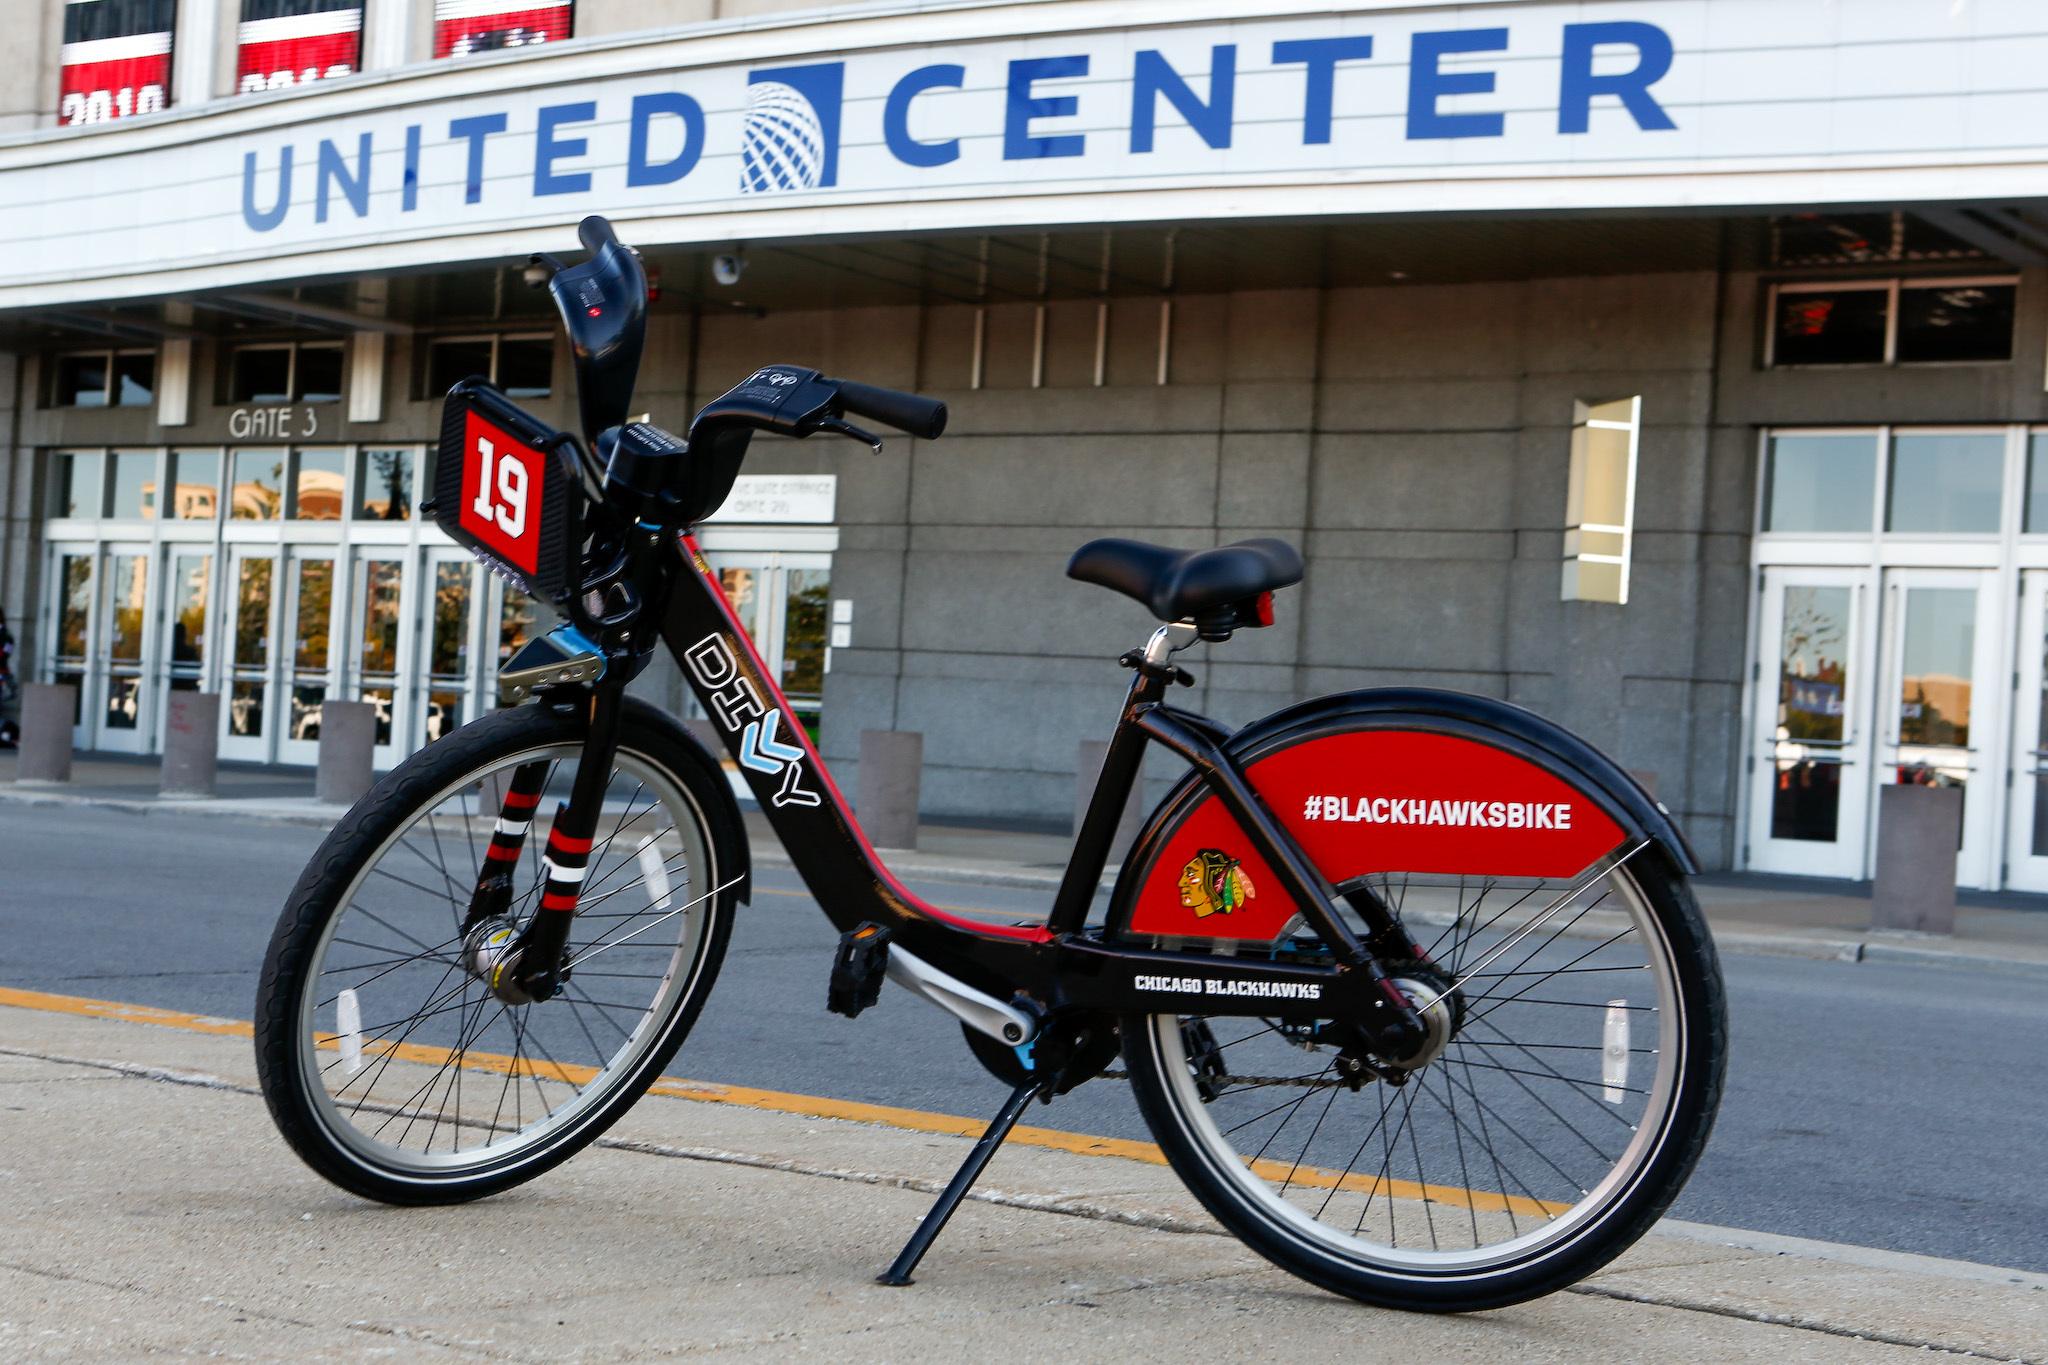 Divvy unveils Blackhawks bikes